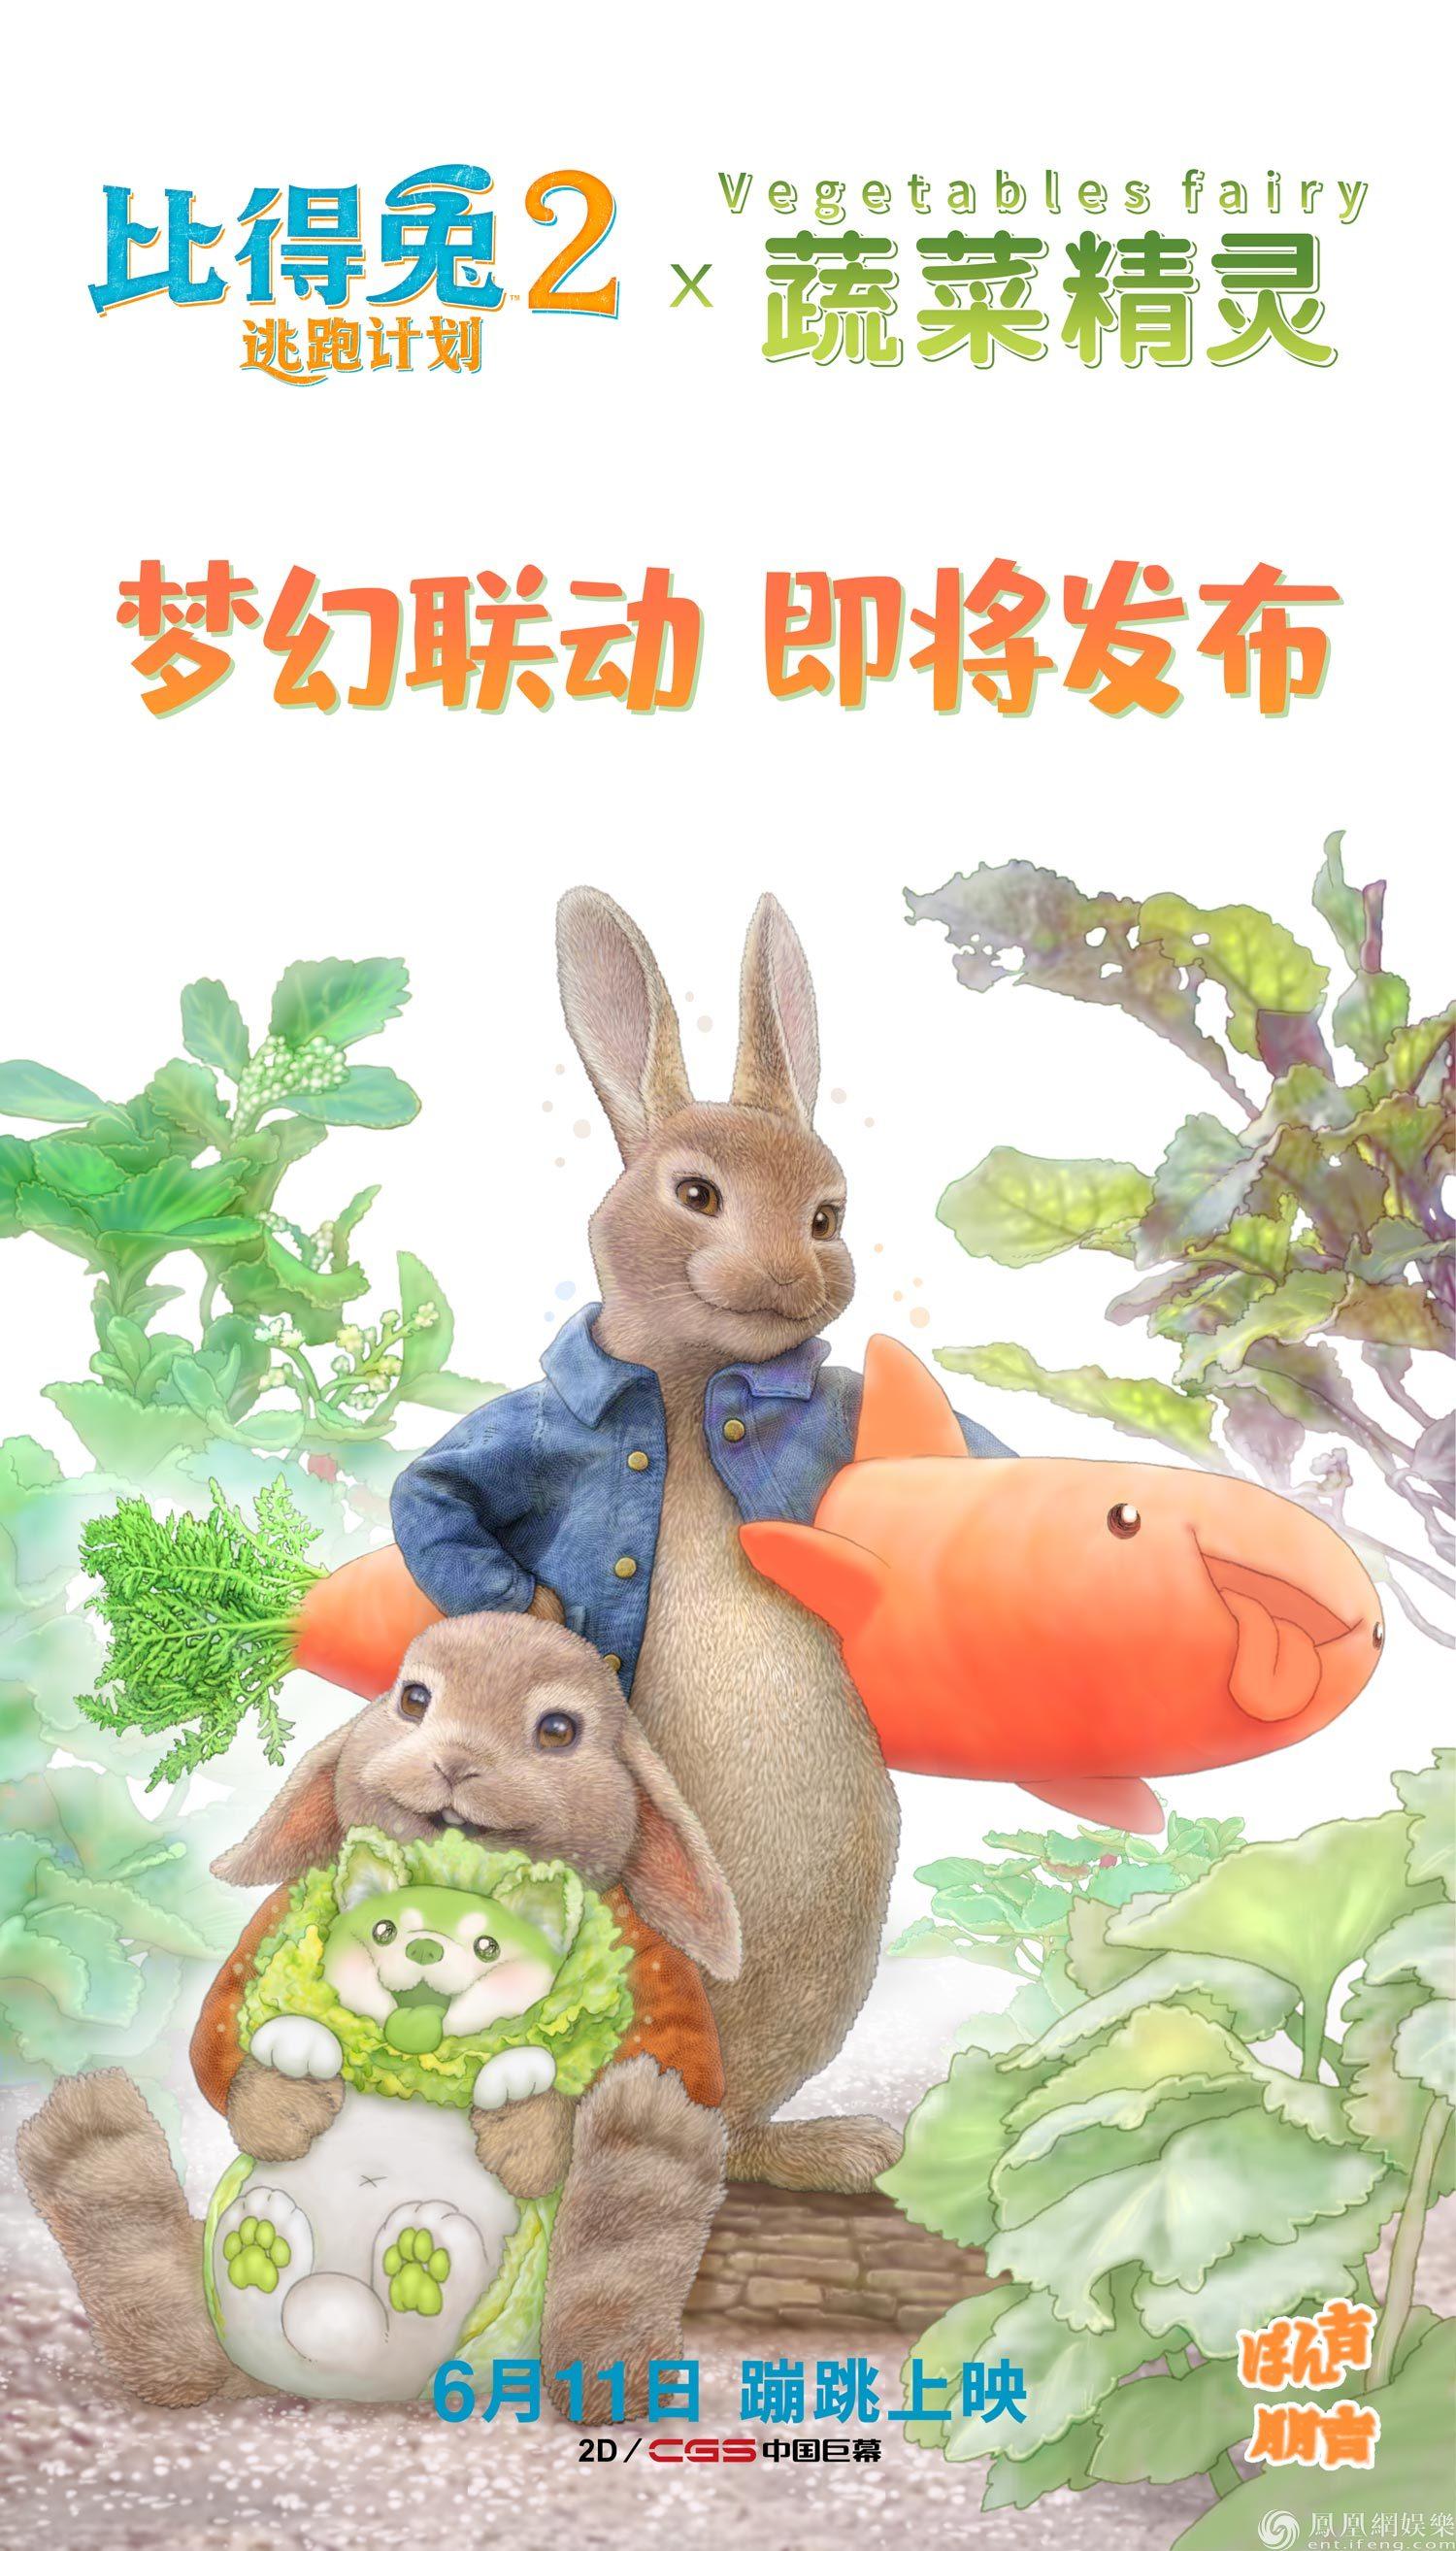 比得兔与菜狗梦幻联动